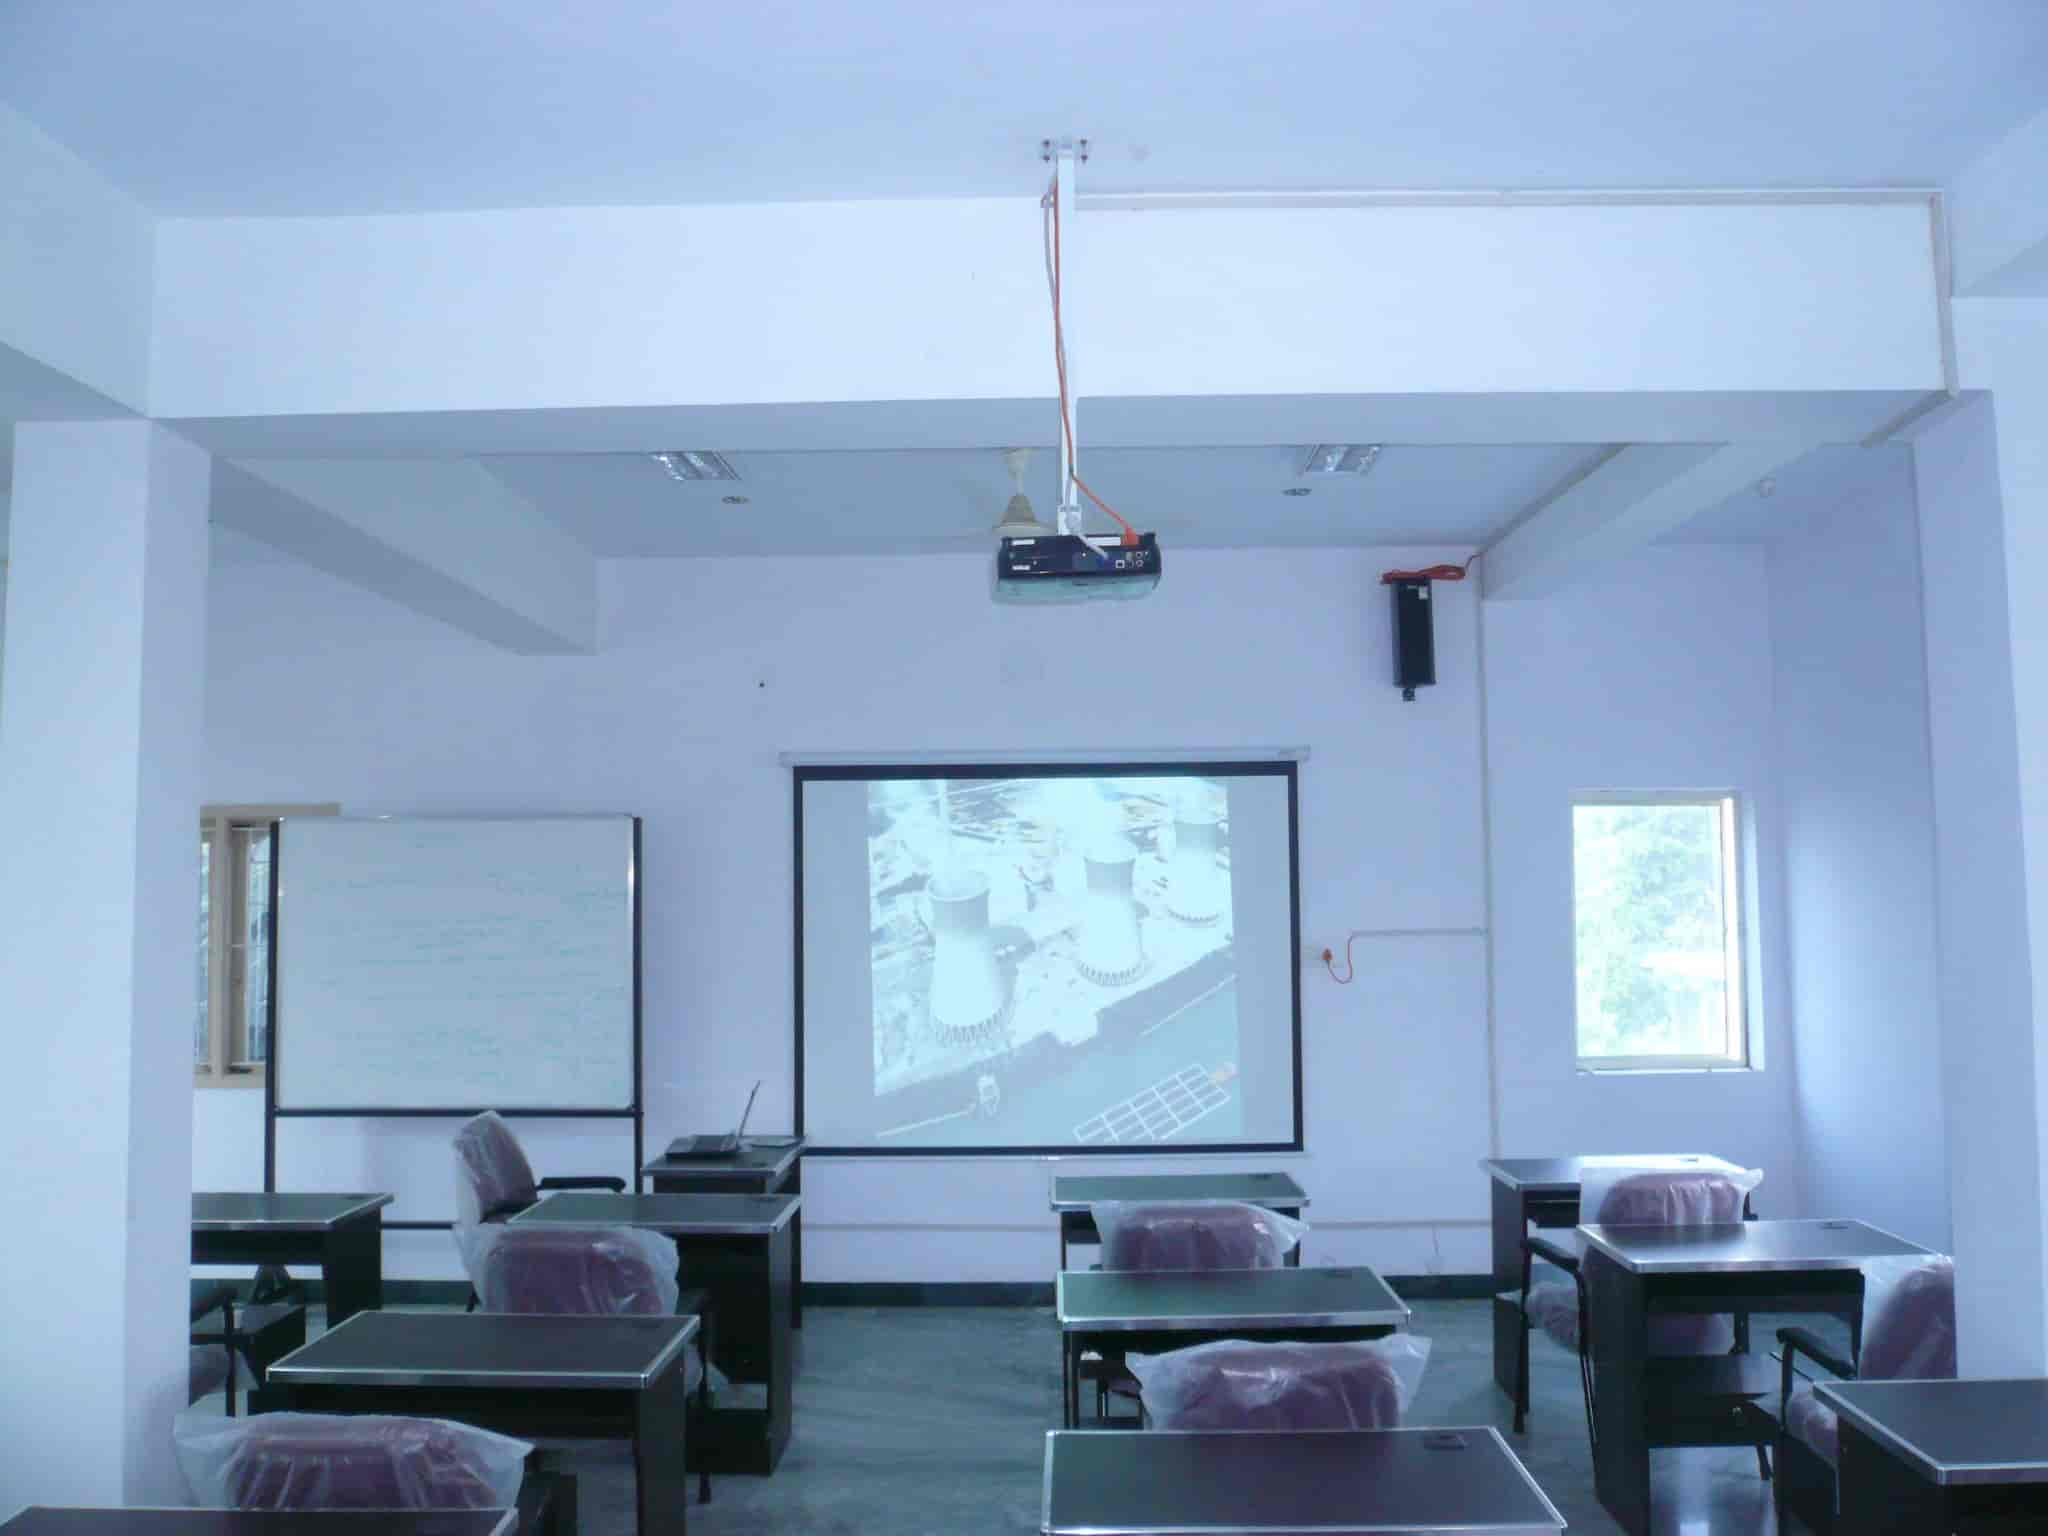 Chennai Power Desalination Training Institute s Padi